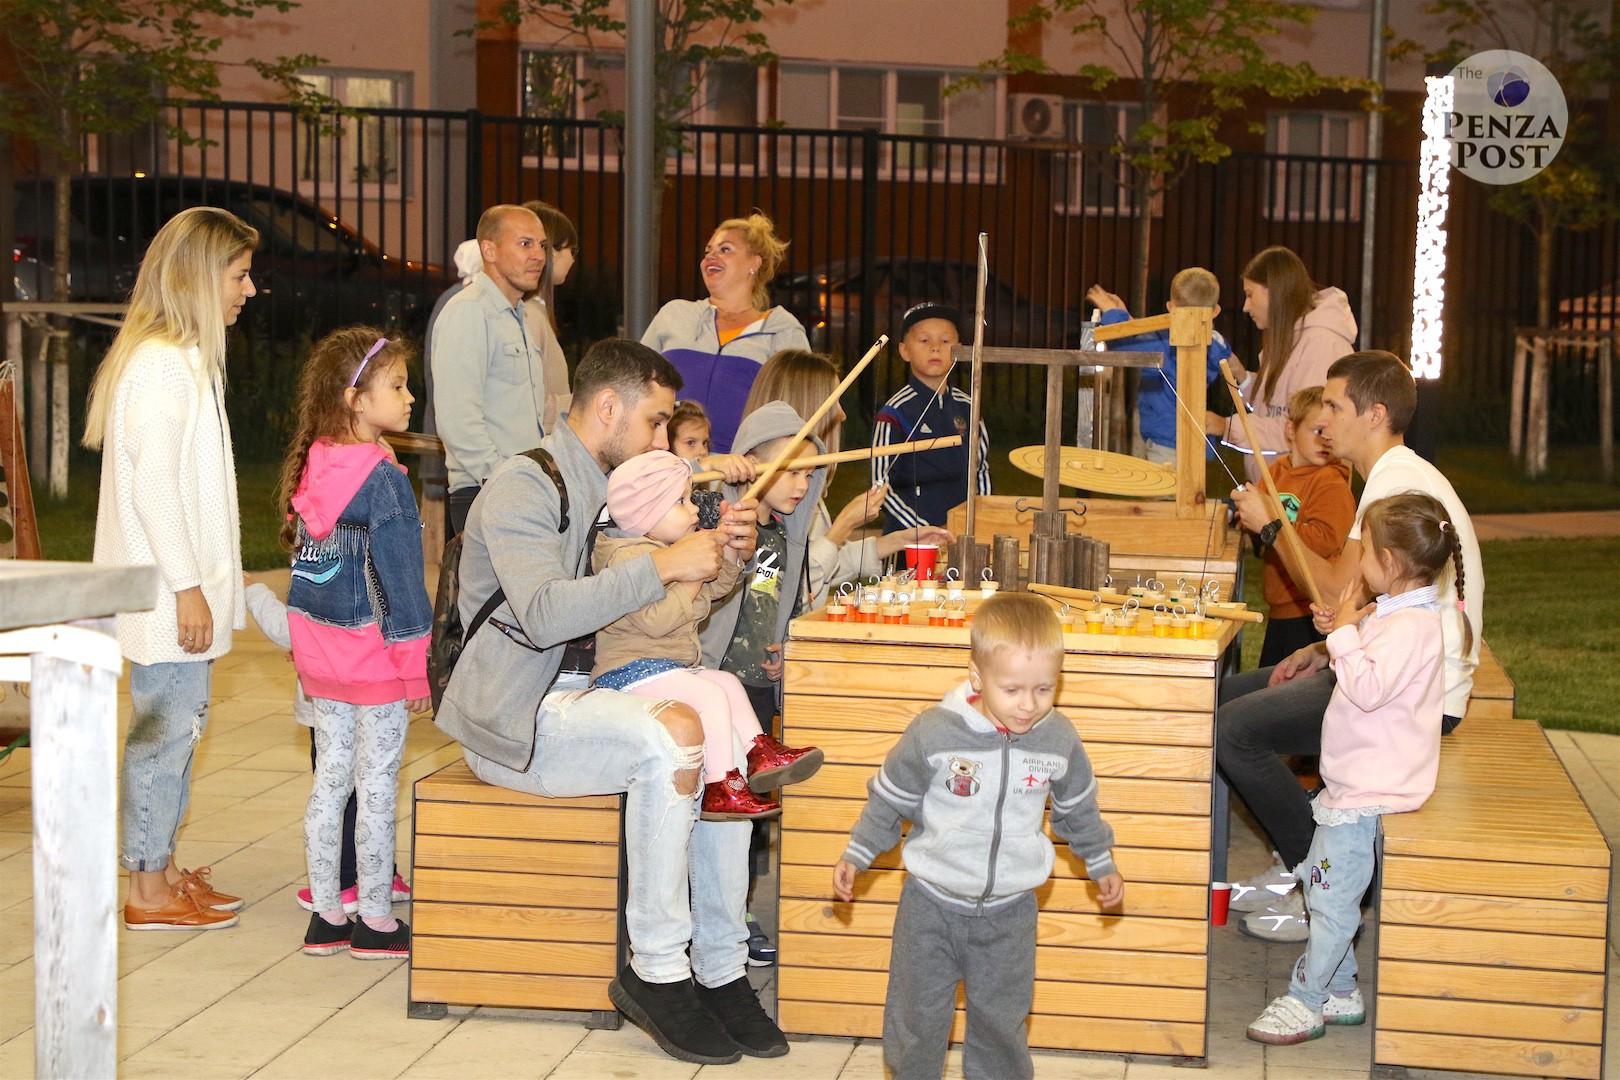 Праздник двора ЖК «Квартет» от «Рисан» объединил сотни счастливых лиц. Как это было - виртуальный тур с The Penza Post